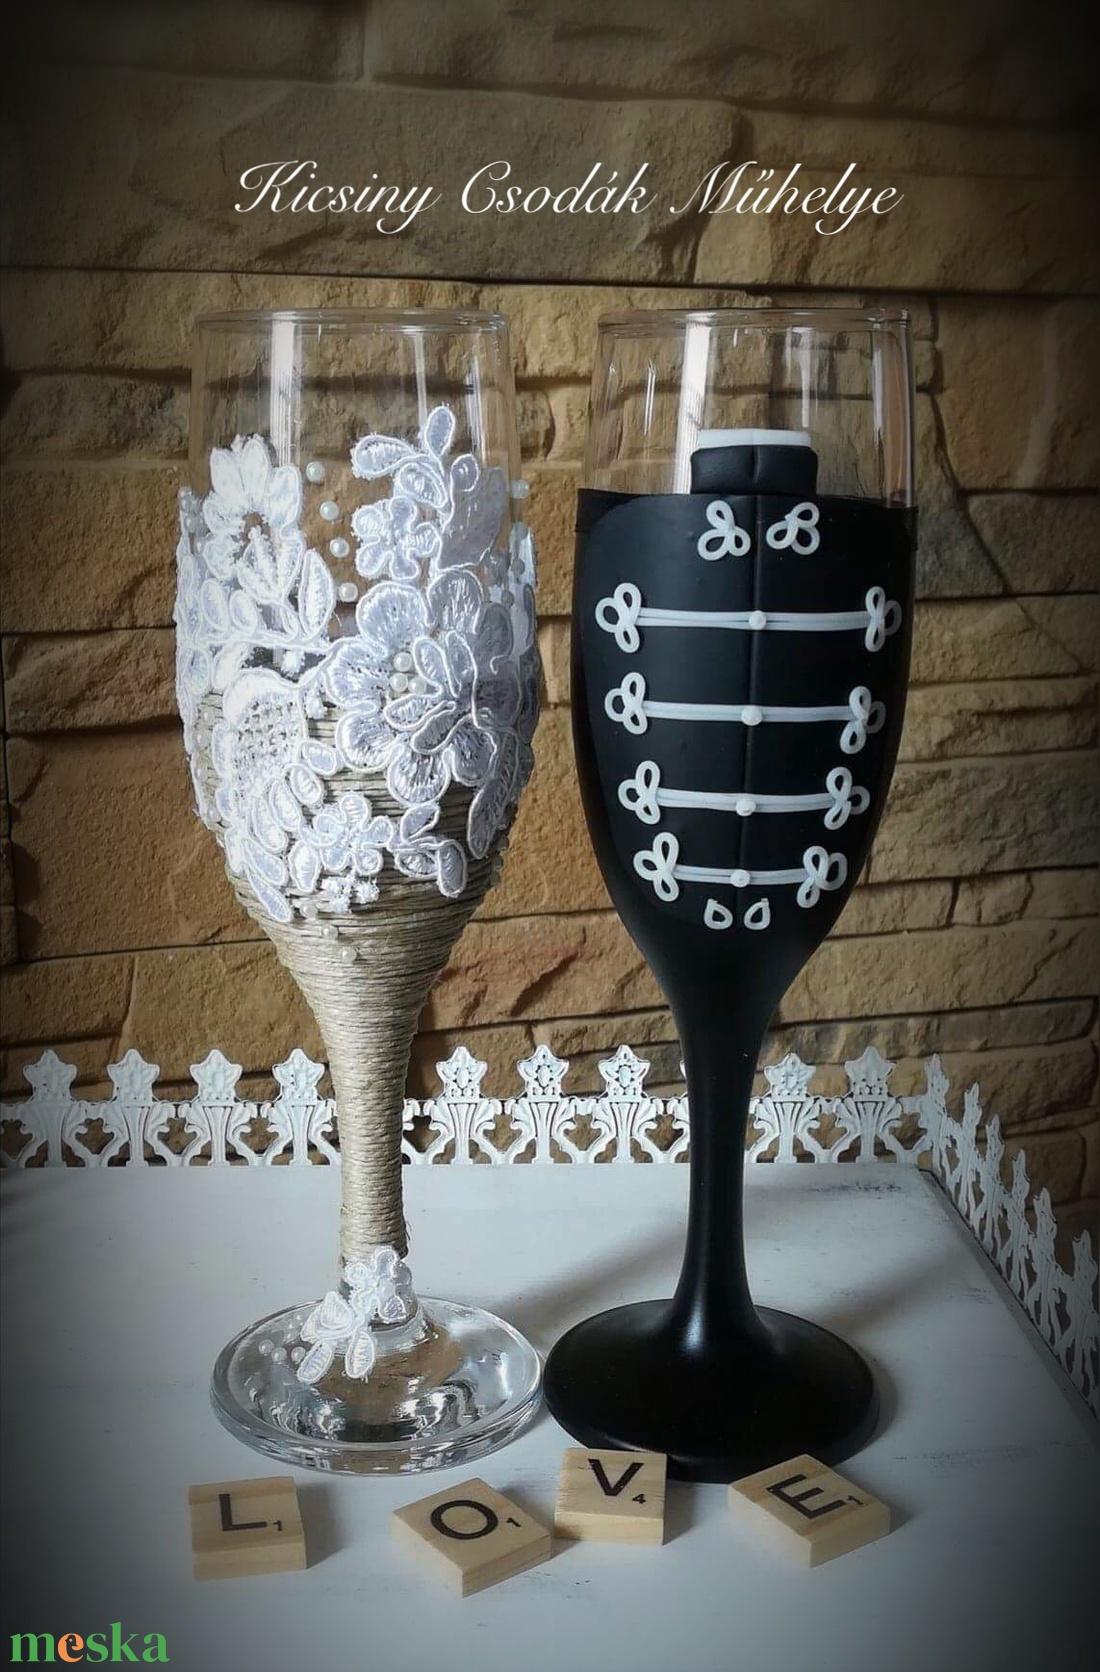 Vintage esküvői pohár pár (KicsinyCsodak) - Meska.hu